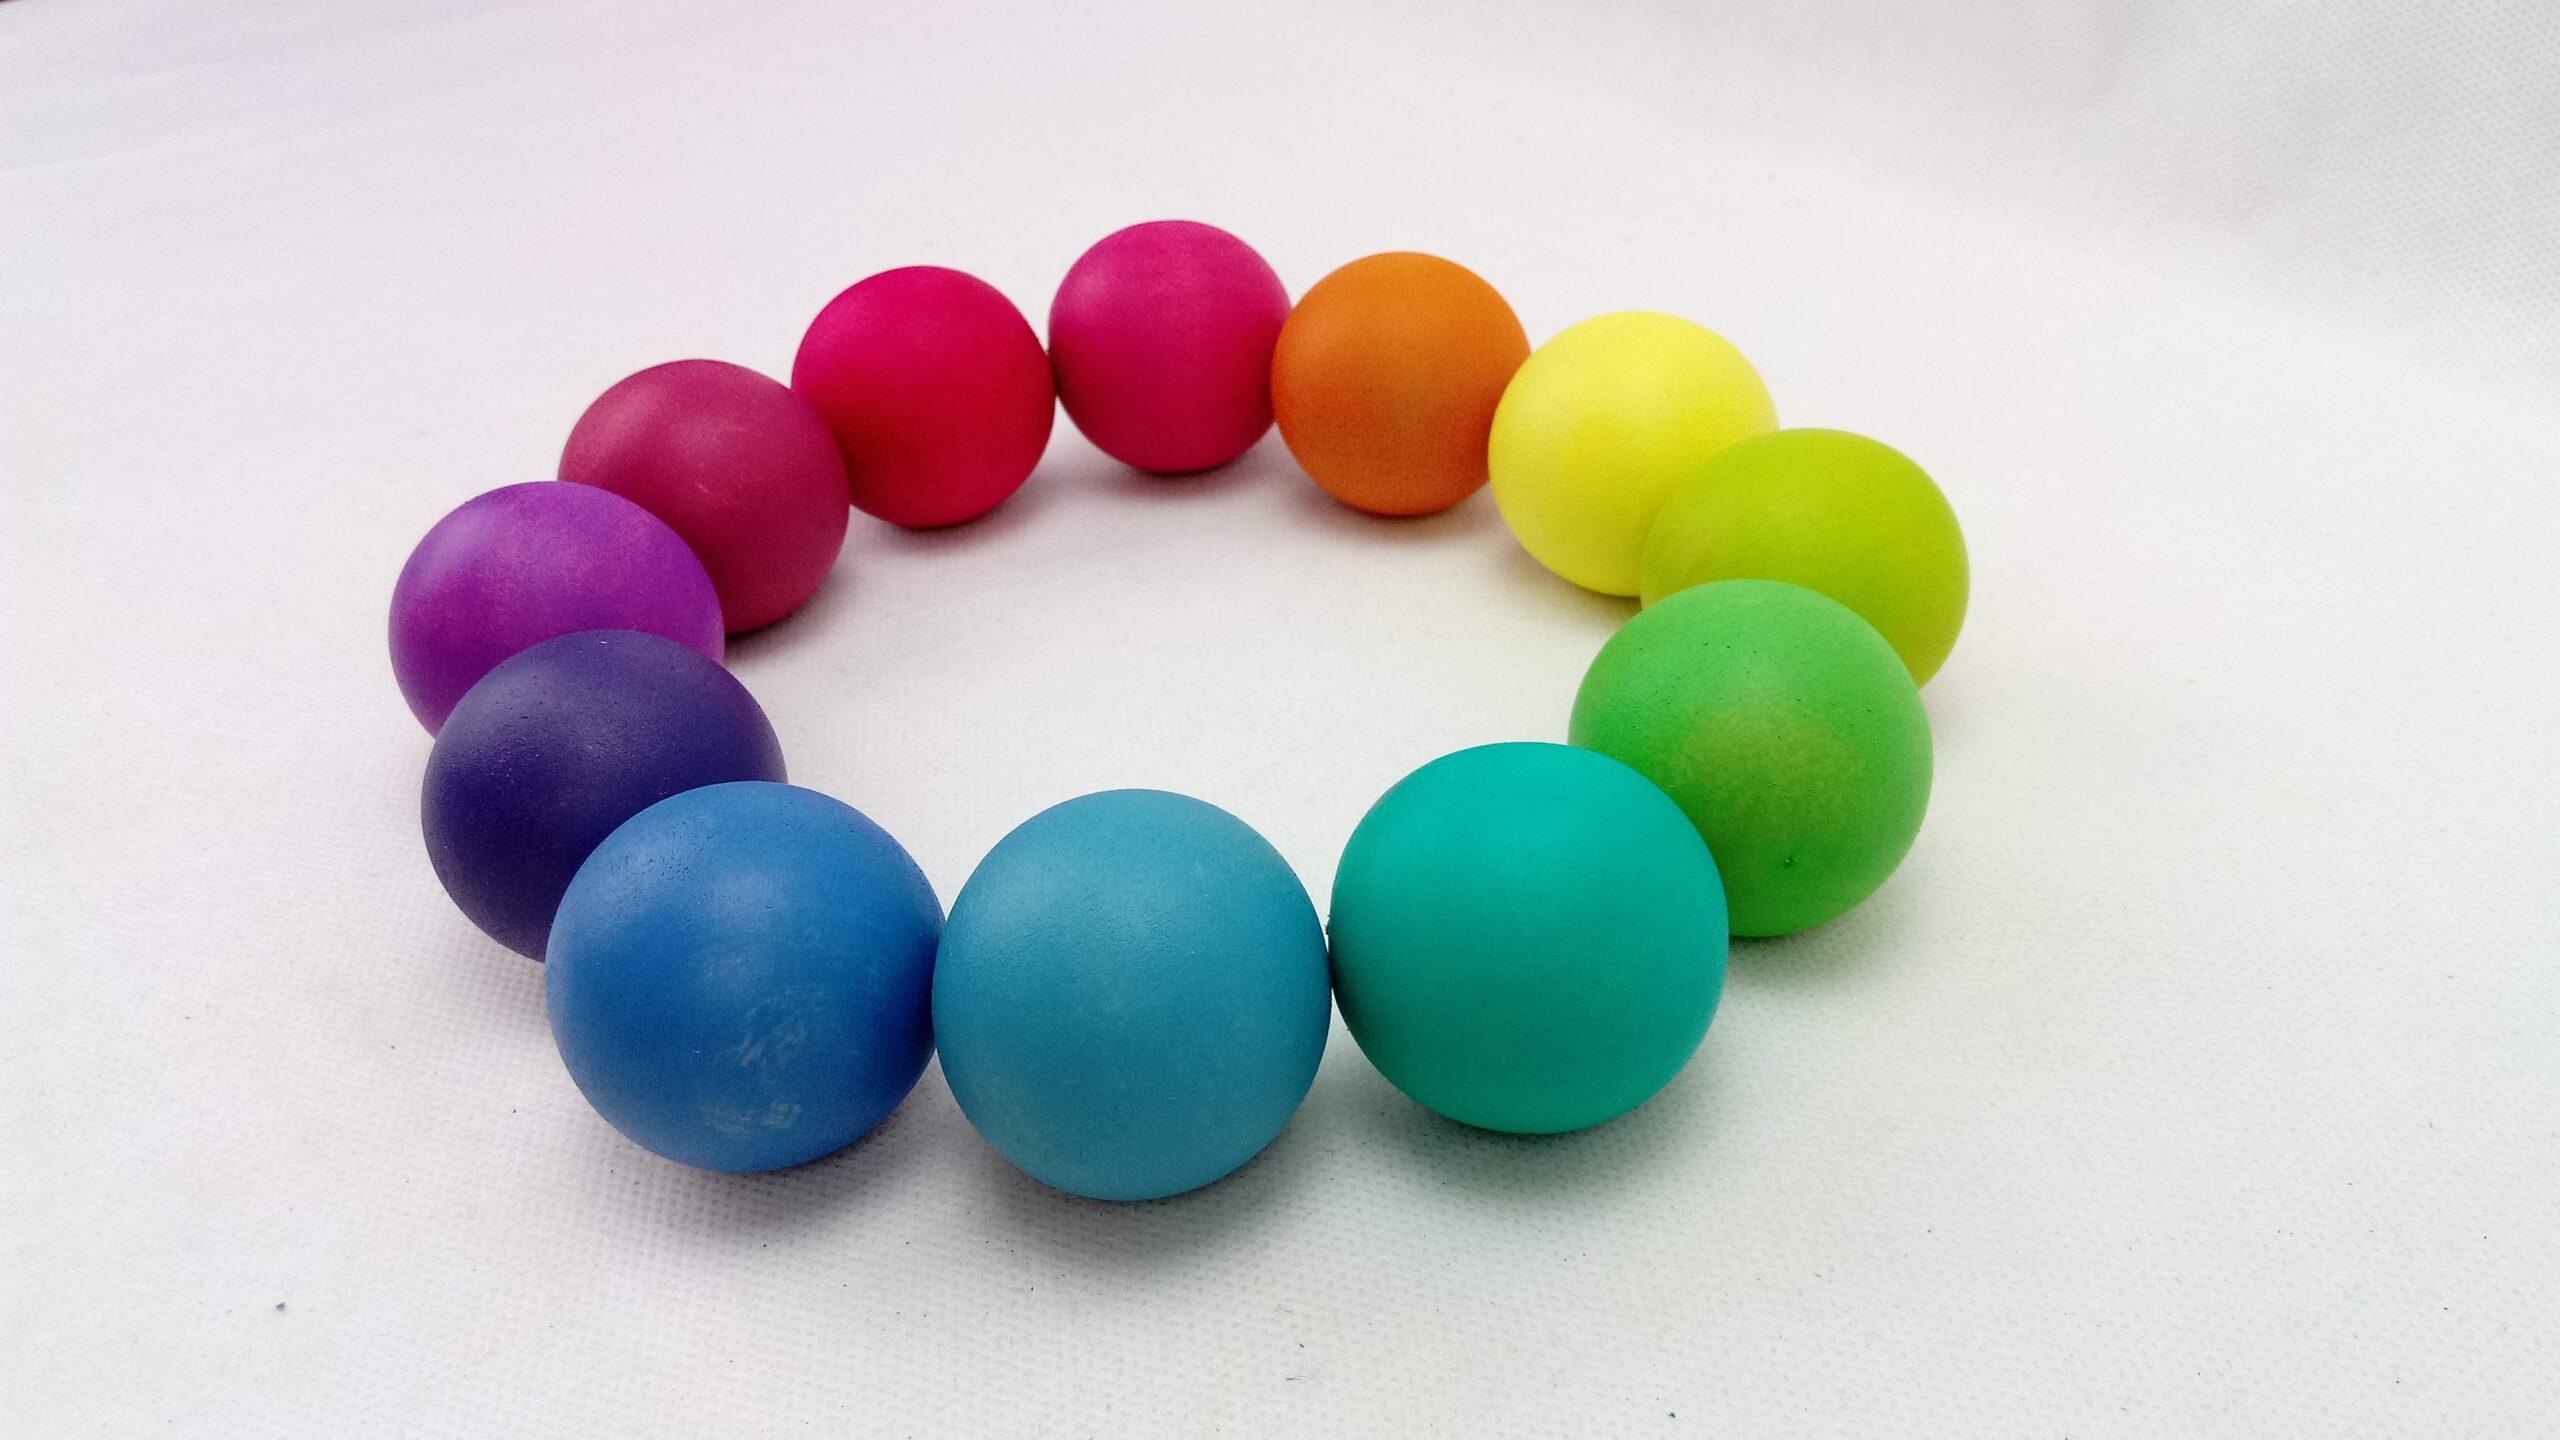 bolas de madera 12 colores arcoíris. Ukitu juguetes